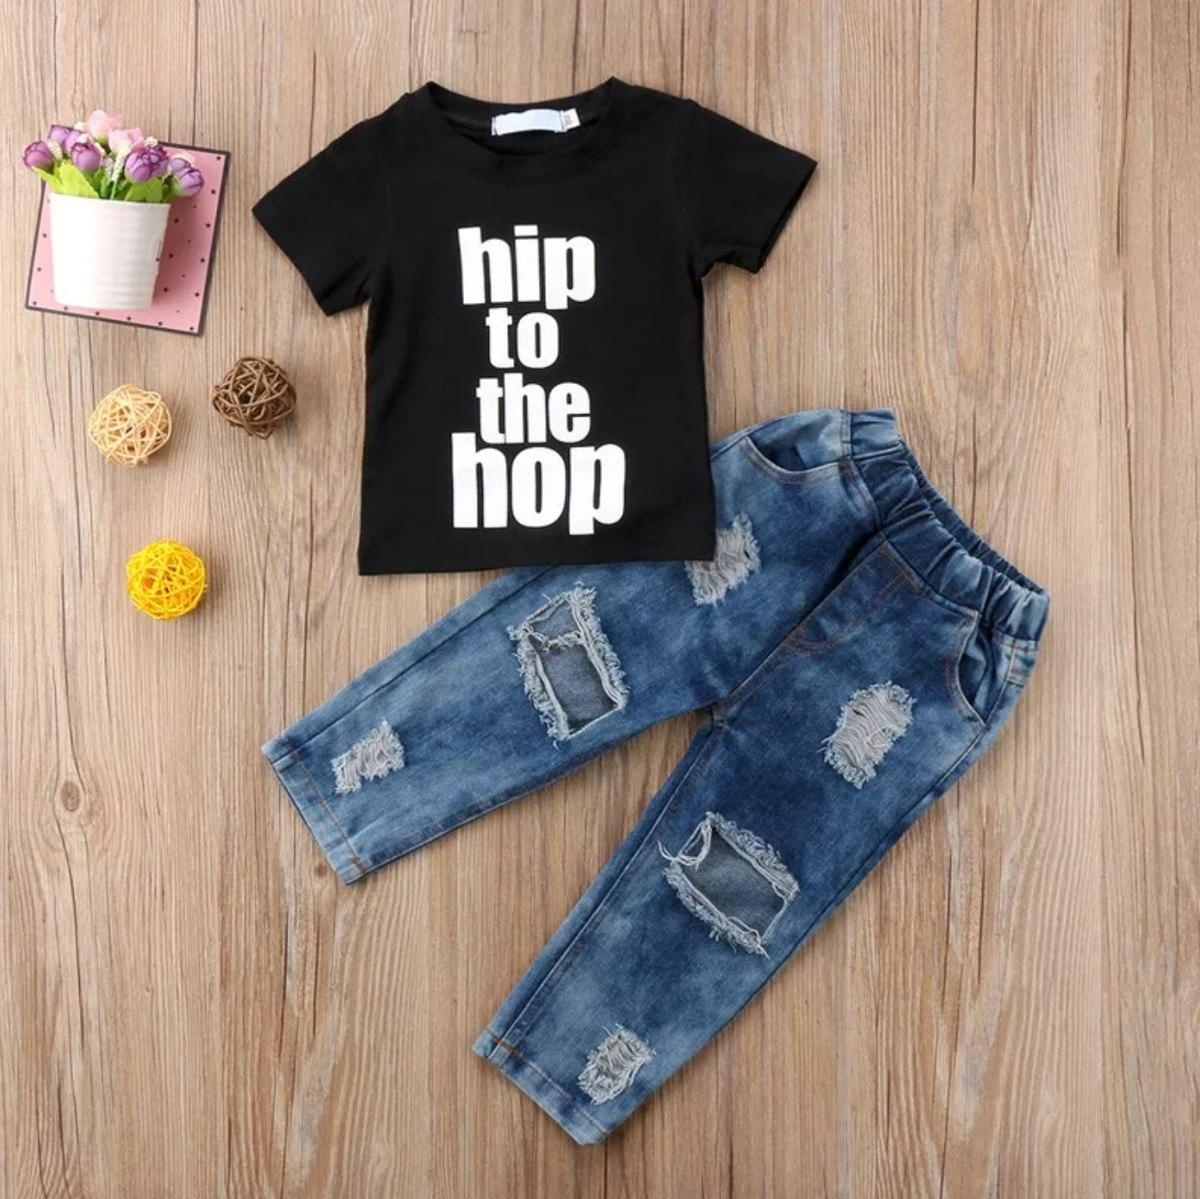 e46b4babdcc3e ropa para niño conjunto jean + camiseta a la moda · ropa niño camiseta.  Cargando zoom.